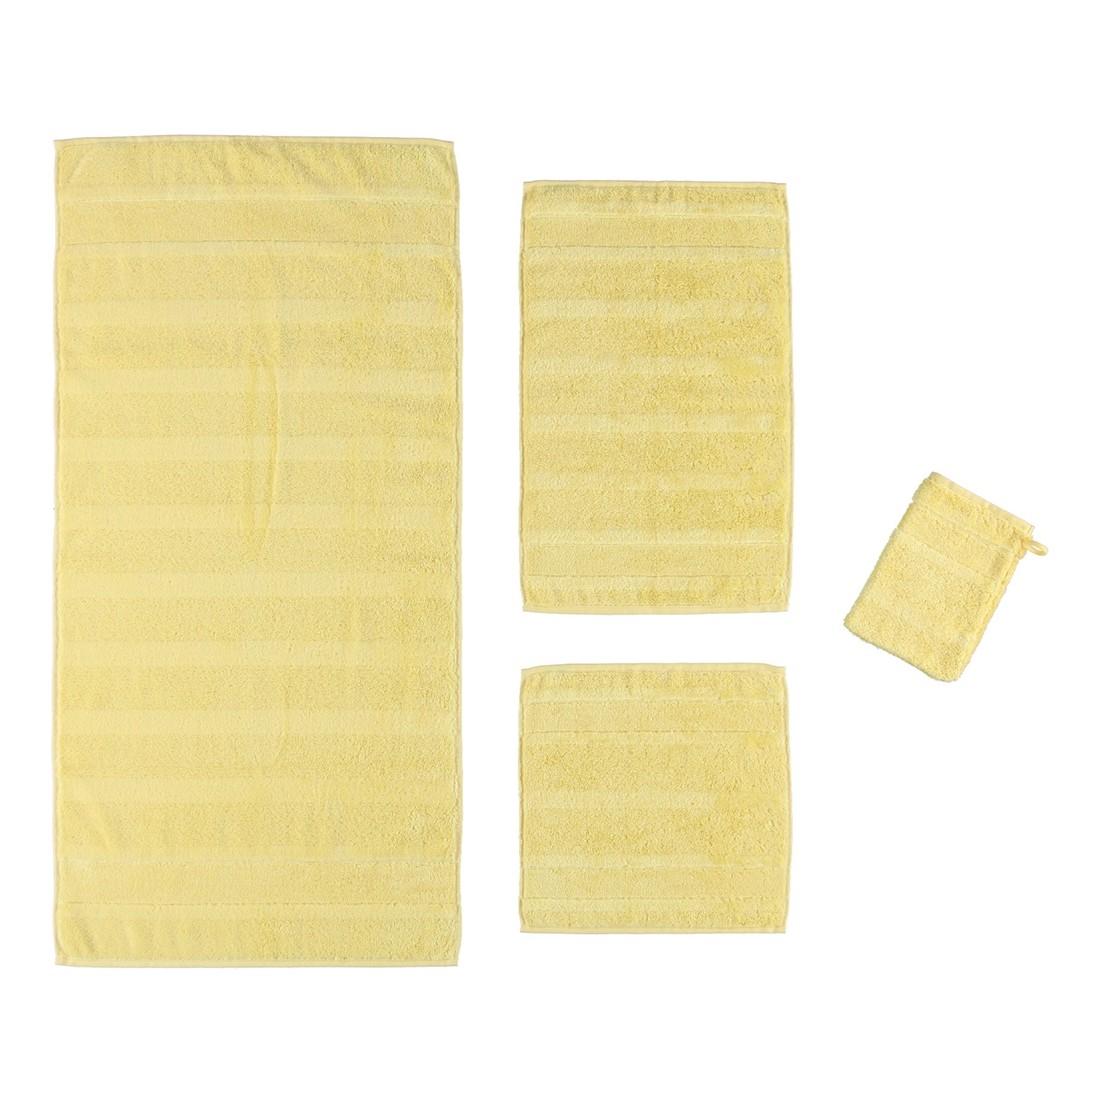 Handtuch Noblesse2 – 100% Baumwolle vanille – 586 – Duschtuch: 80 x 160 cm, Cawö jetzt bestellen